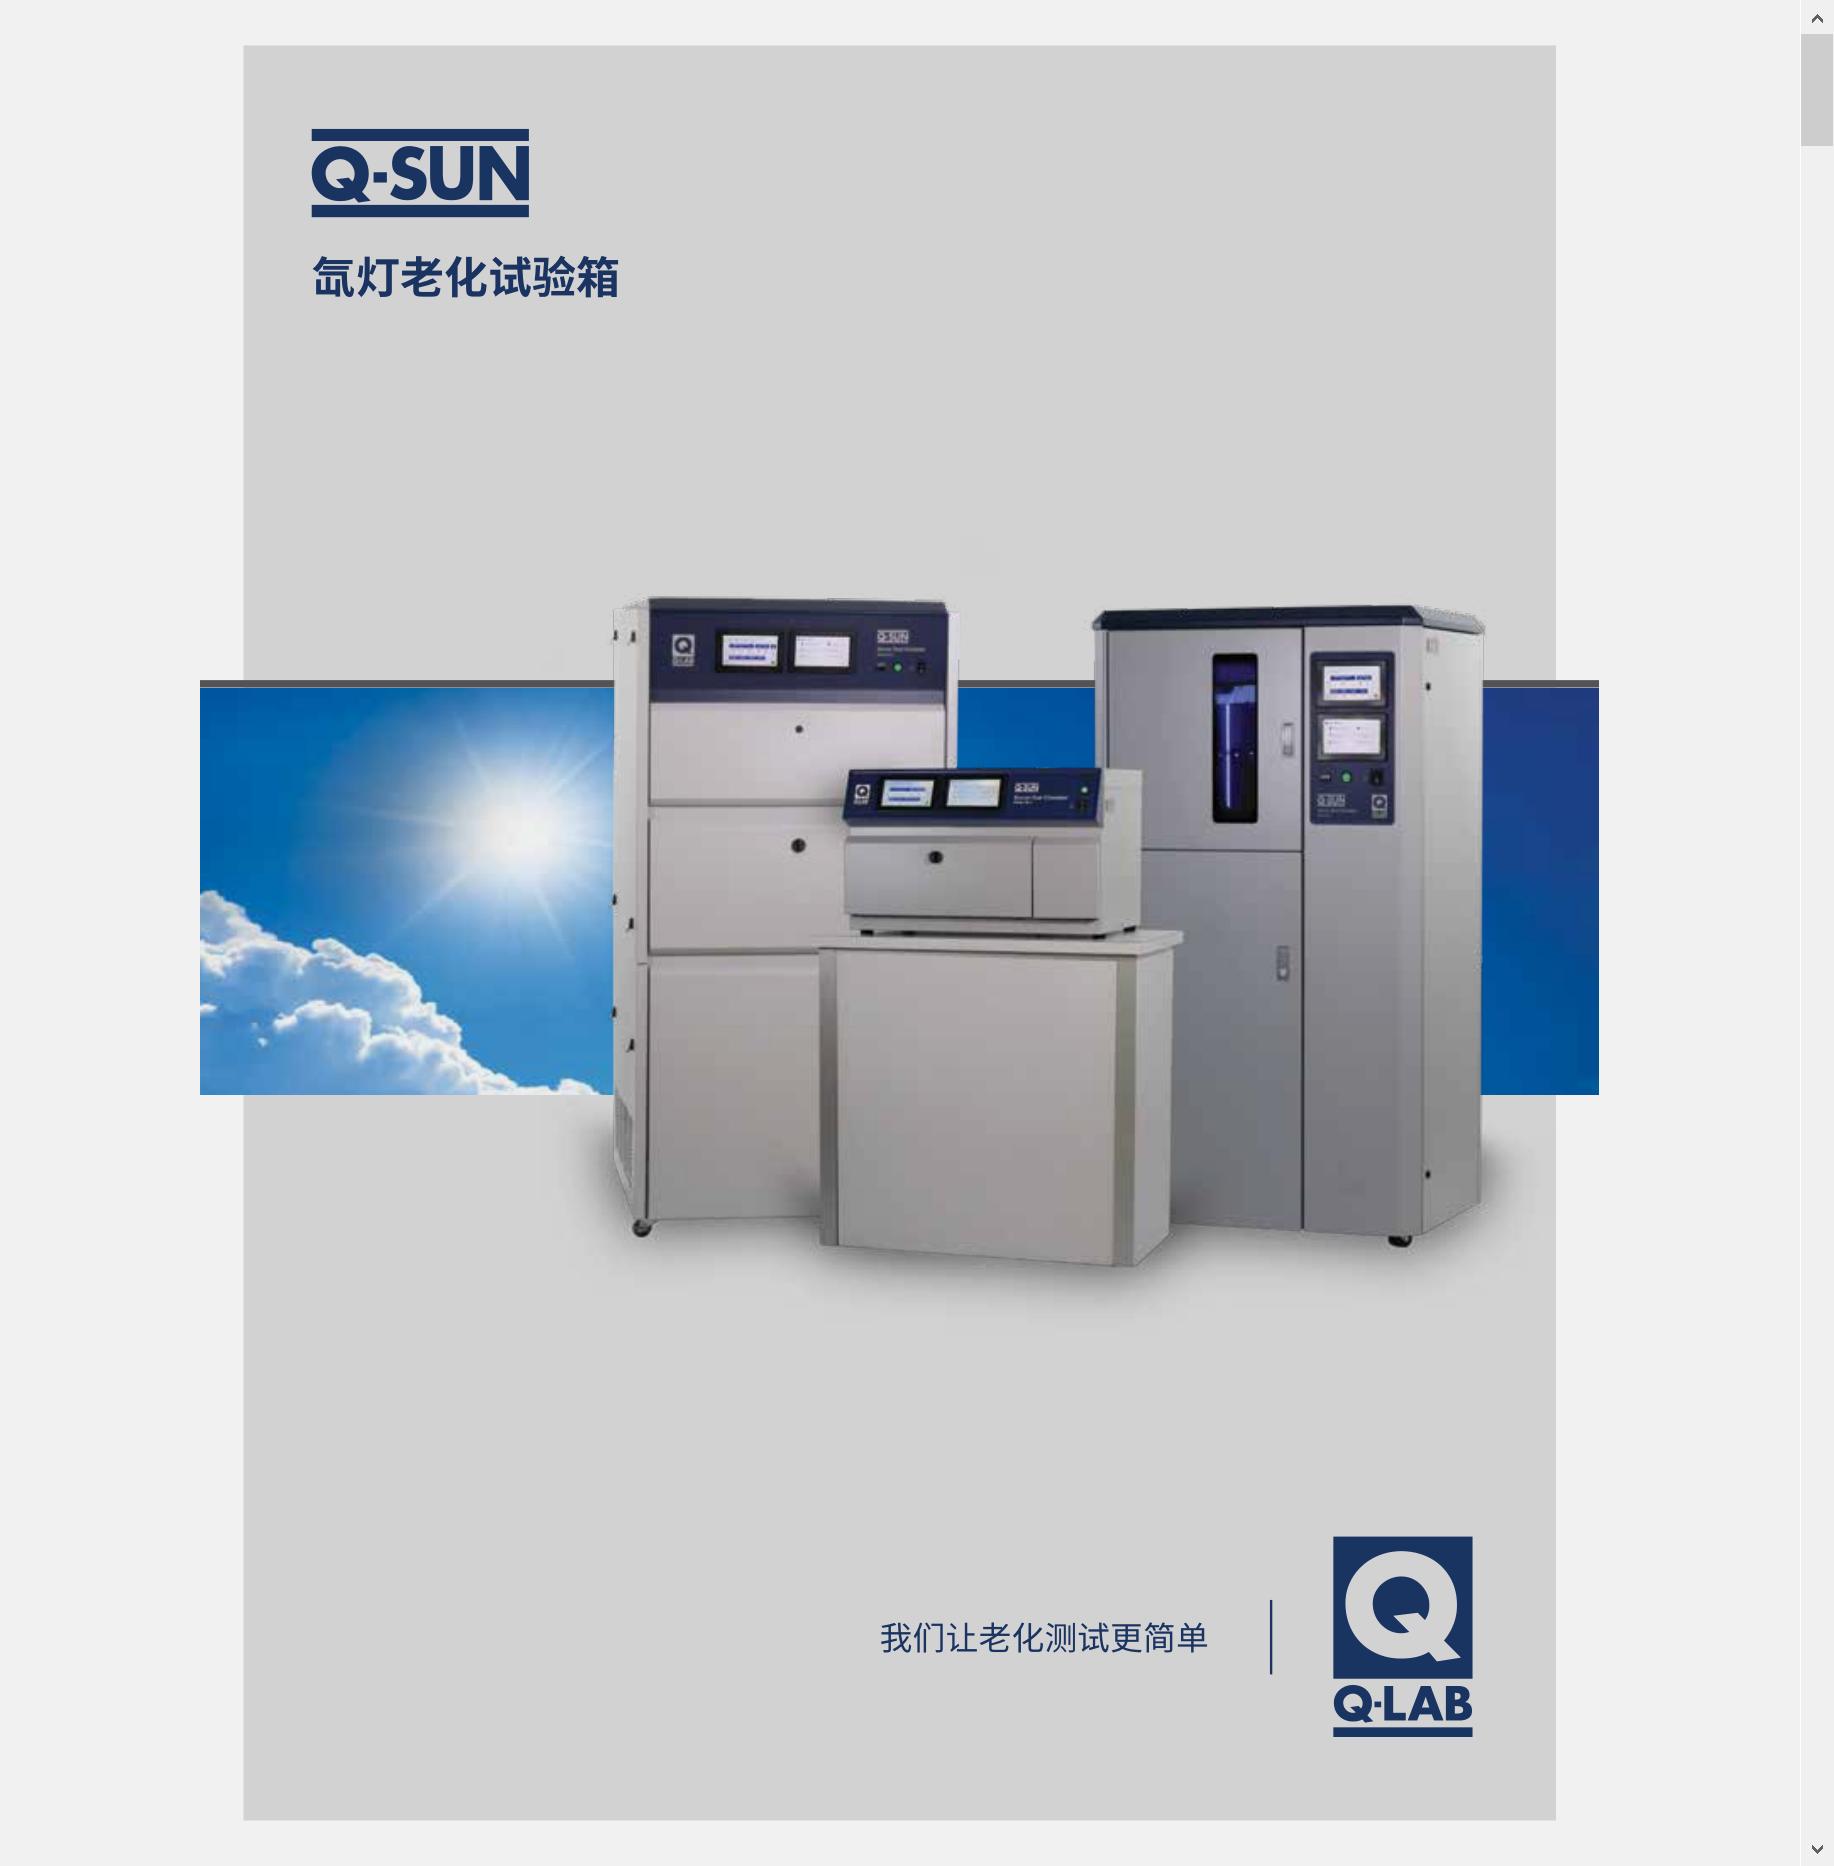 Q-SUN氙灯老化试验箱产品资料-2021第四代产品